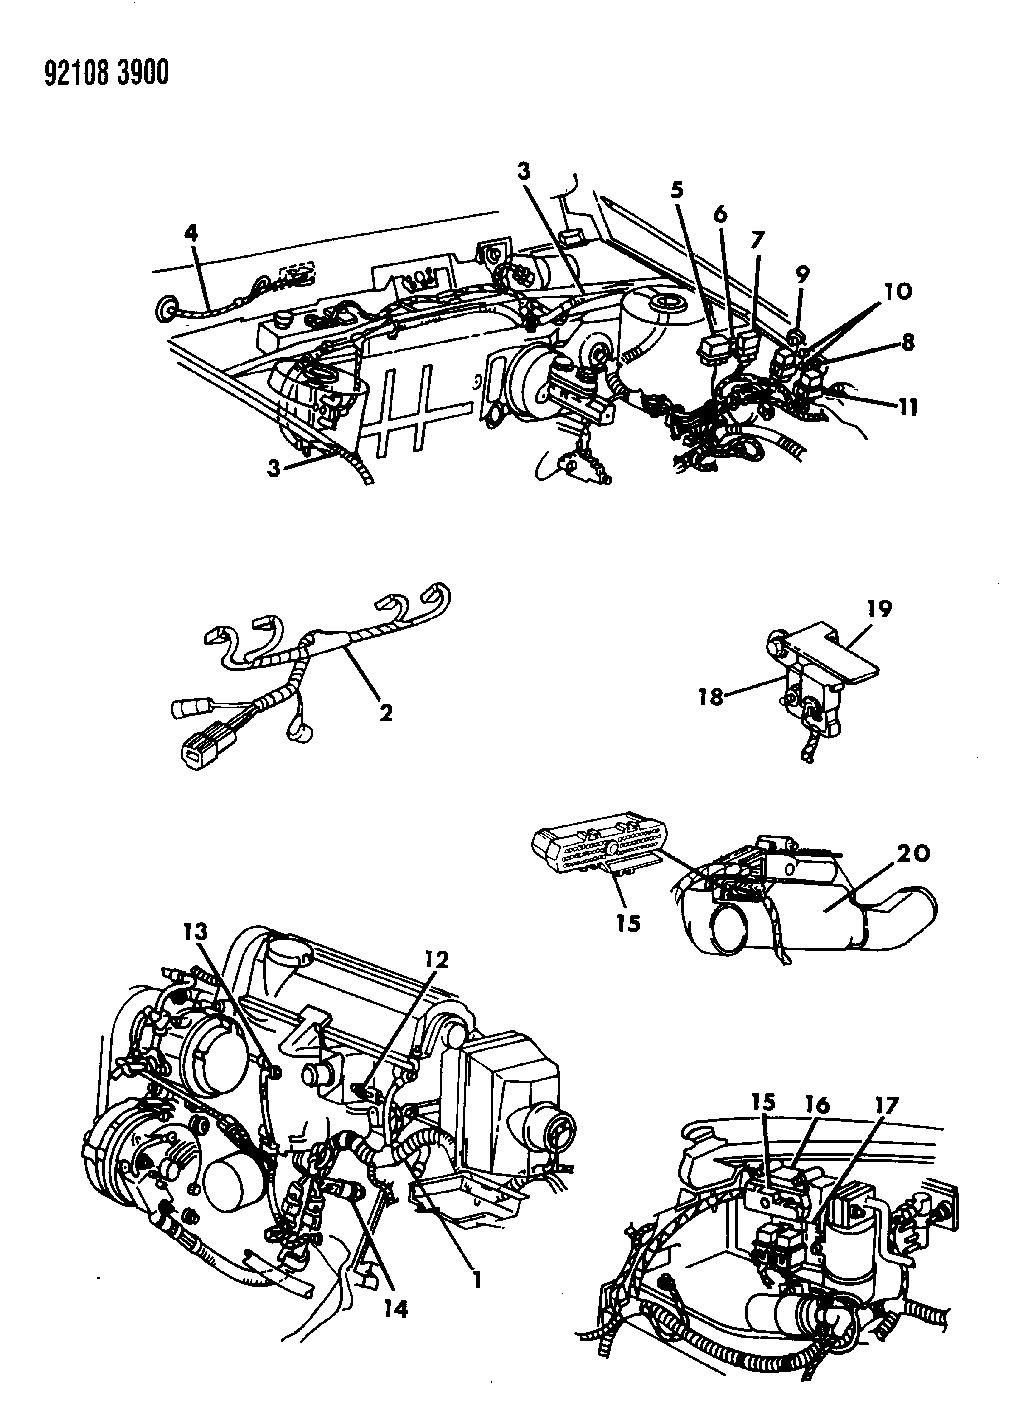 1992 Chrysler Lebaron Sedan Wiring - Engine